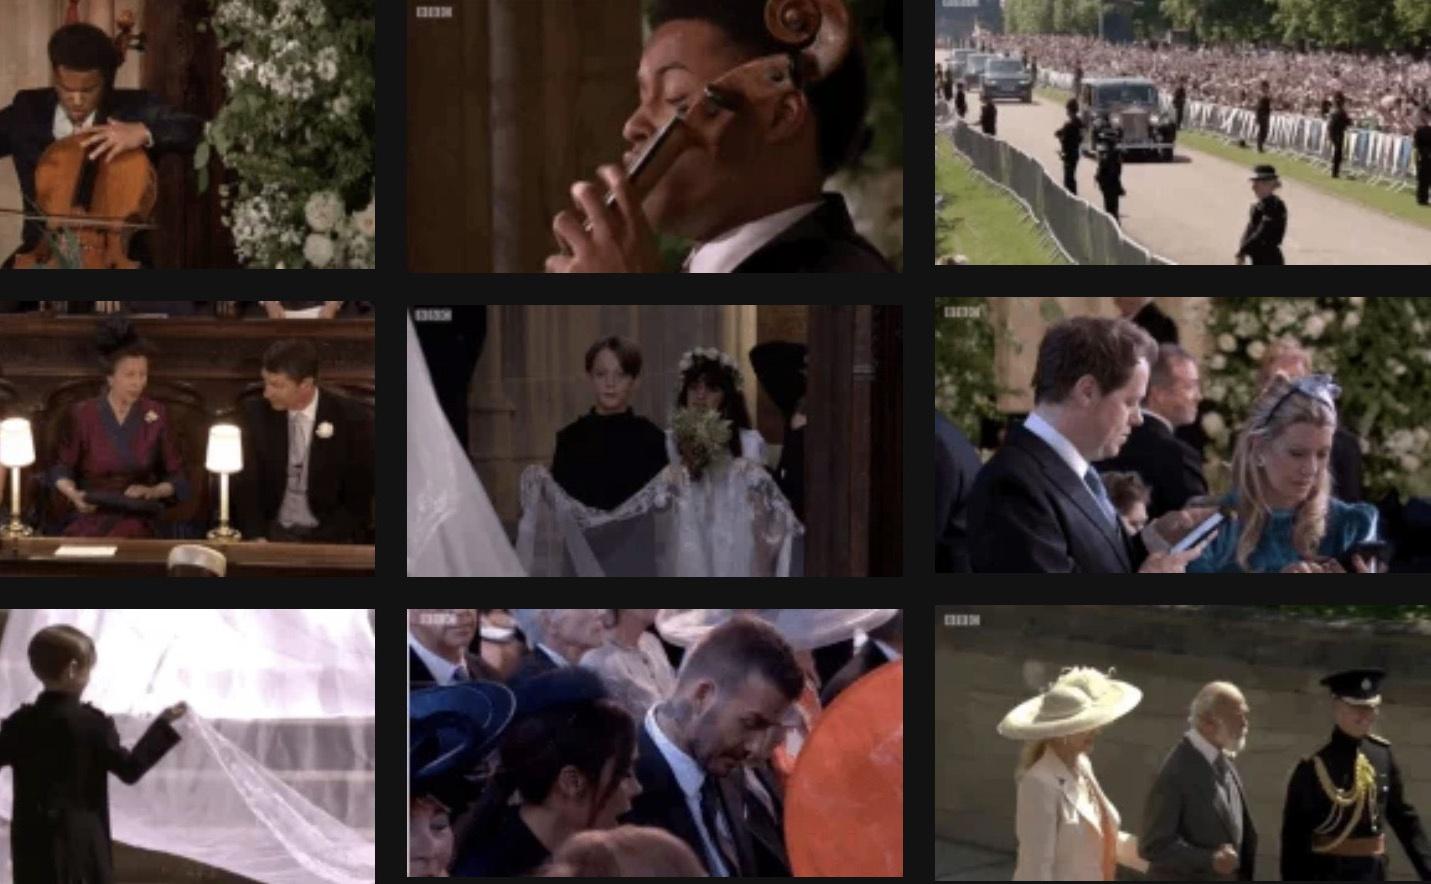 别人家的婚礼:人来了一次HDR直播